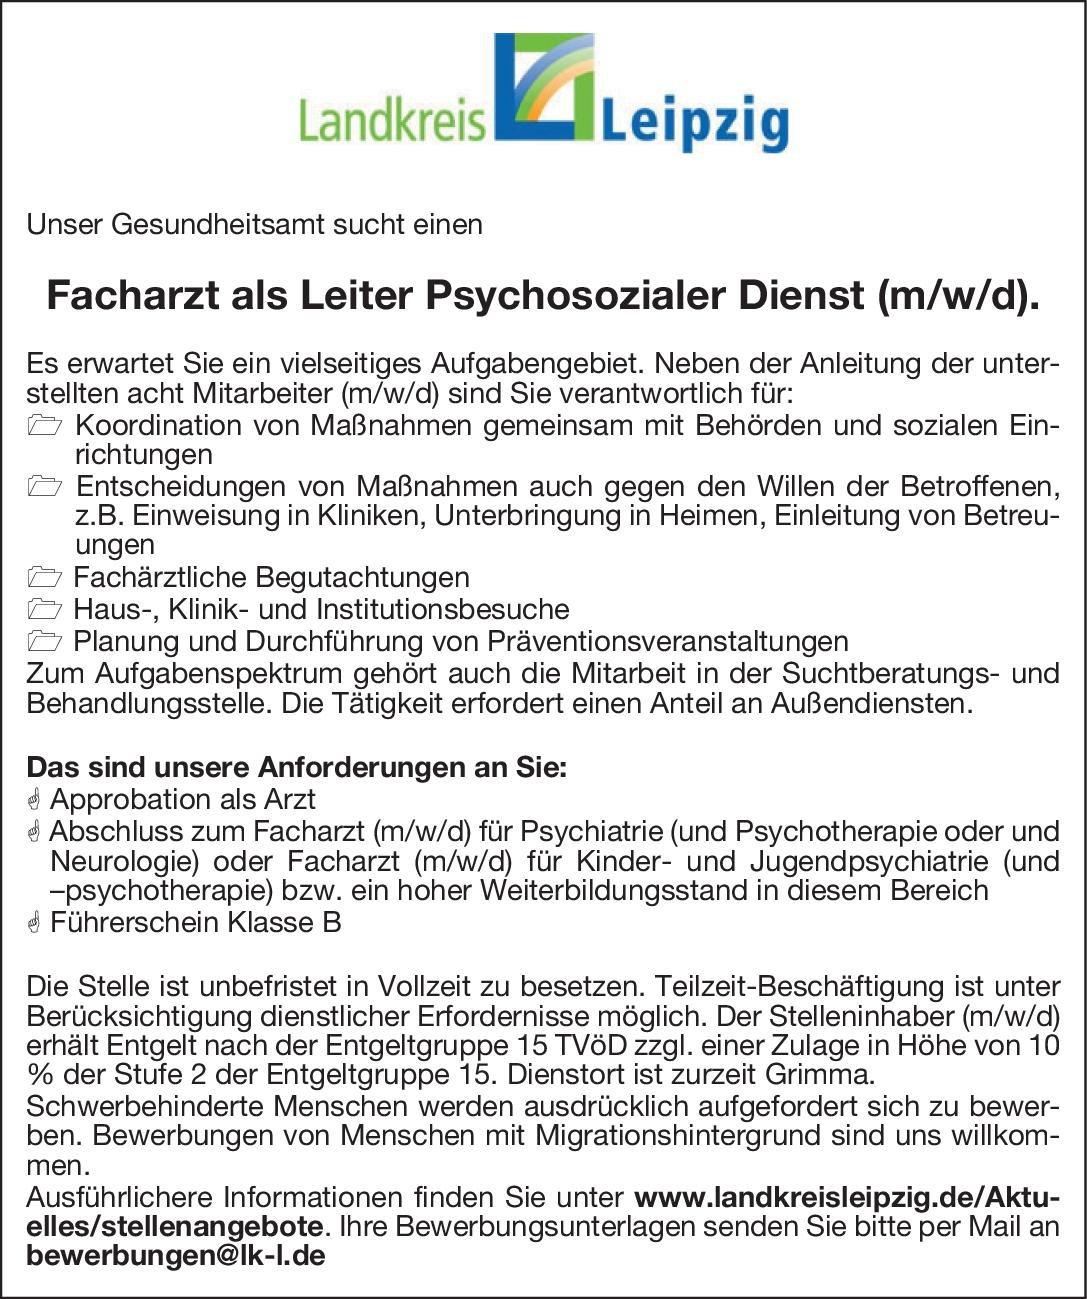 Landkreis Leipzig Facharzt als Leiter Psychosozialer Dienst (m/w/d)  Psychiatrie und Psychotherapie, Kinder- und Jugendpsychiatrie und -psychotherapie, Neurologie Arzt / Facharzt, Ärztl. Leiter